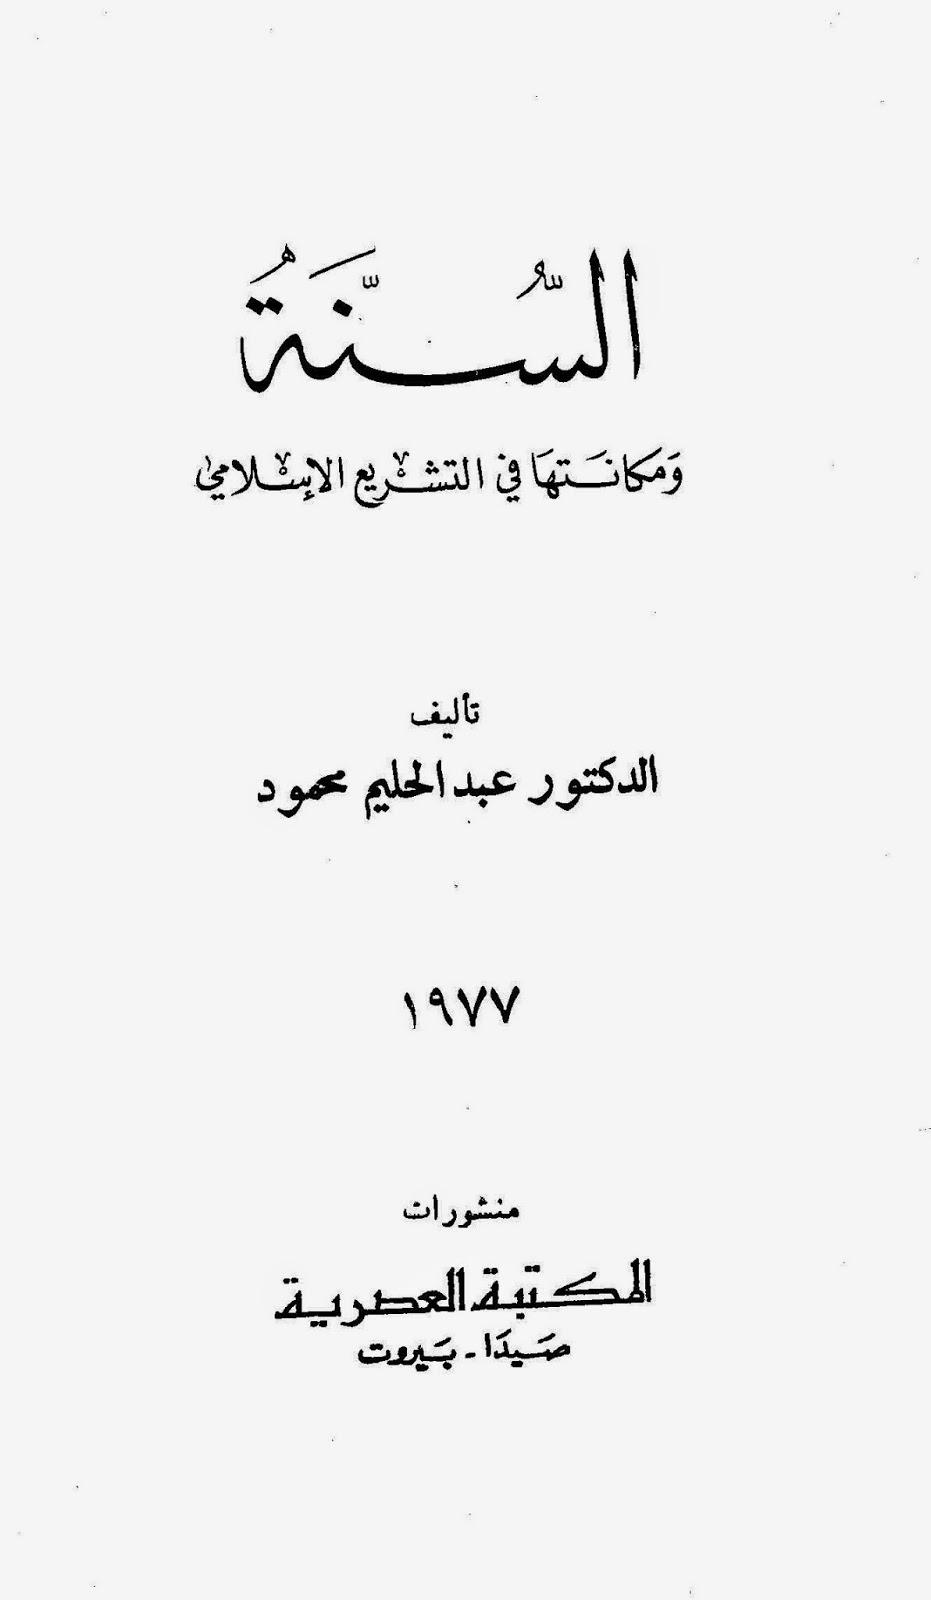 السنة ومكانتها في التشريع الإسلامي - عبد الحليم محمود pdf